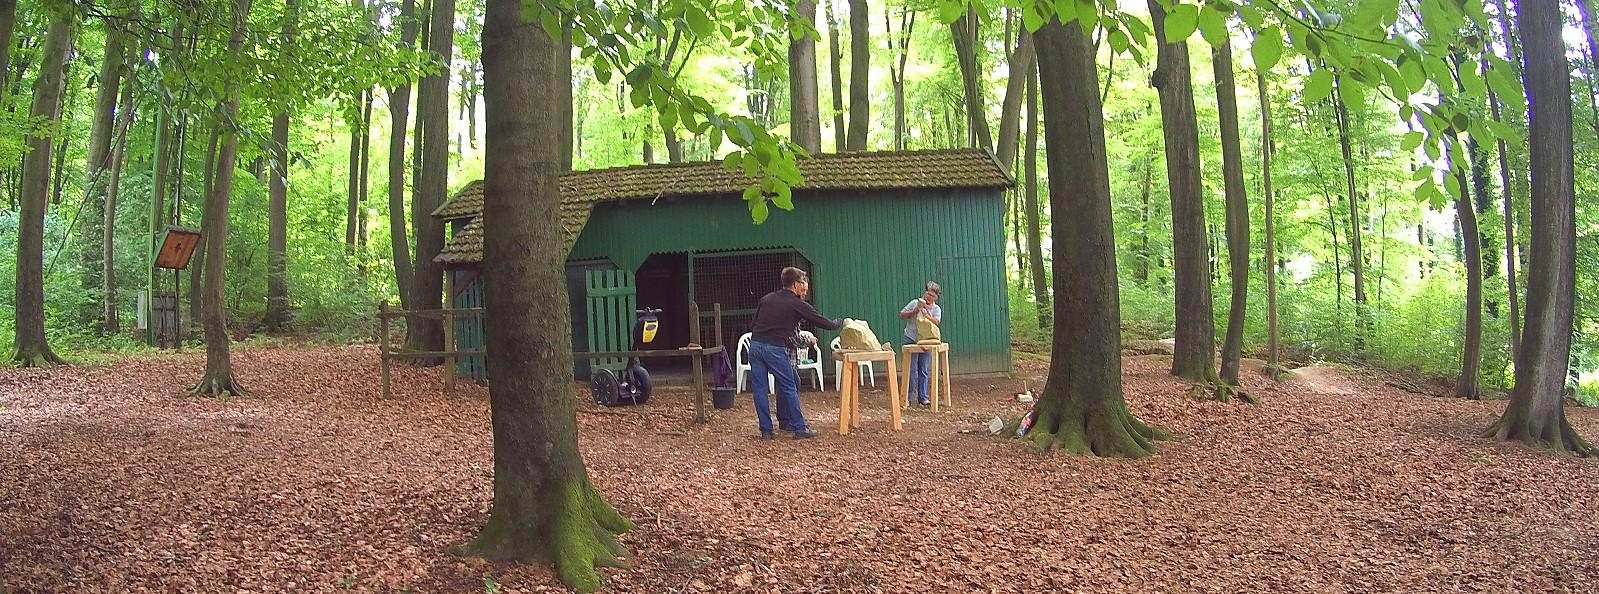 Das WaldARTelier in den Baumbergen, am Hotel Café Pannkokenhus Teitekerl